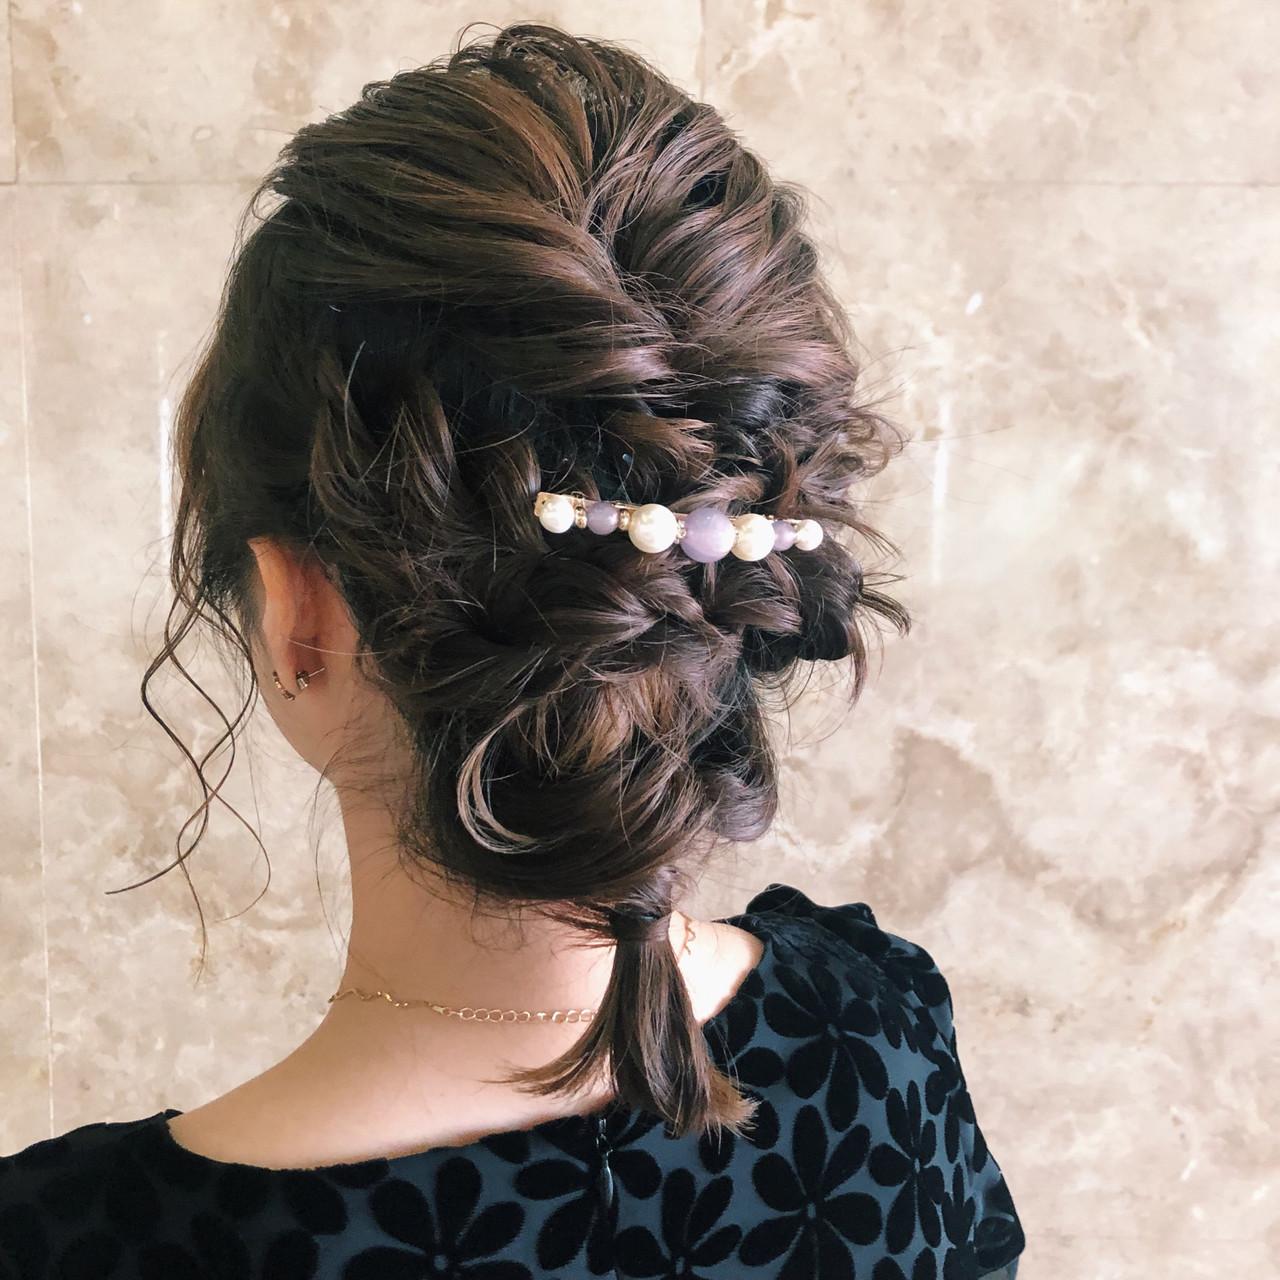 結婚式ヘアアレンジ 結婚式 ボブ ヘアアレンジ ヘアスタイルや髪型の写真・画像